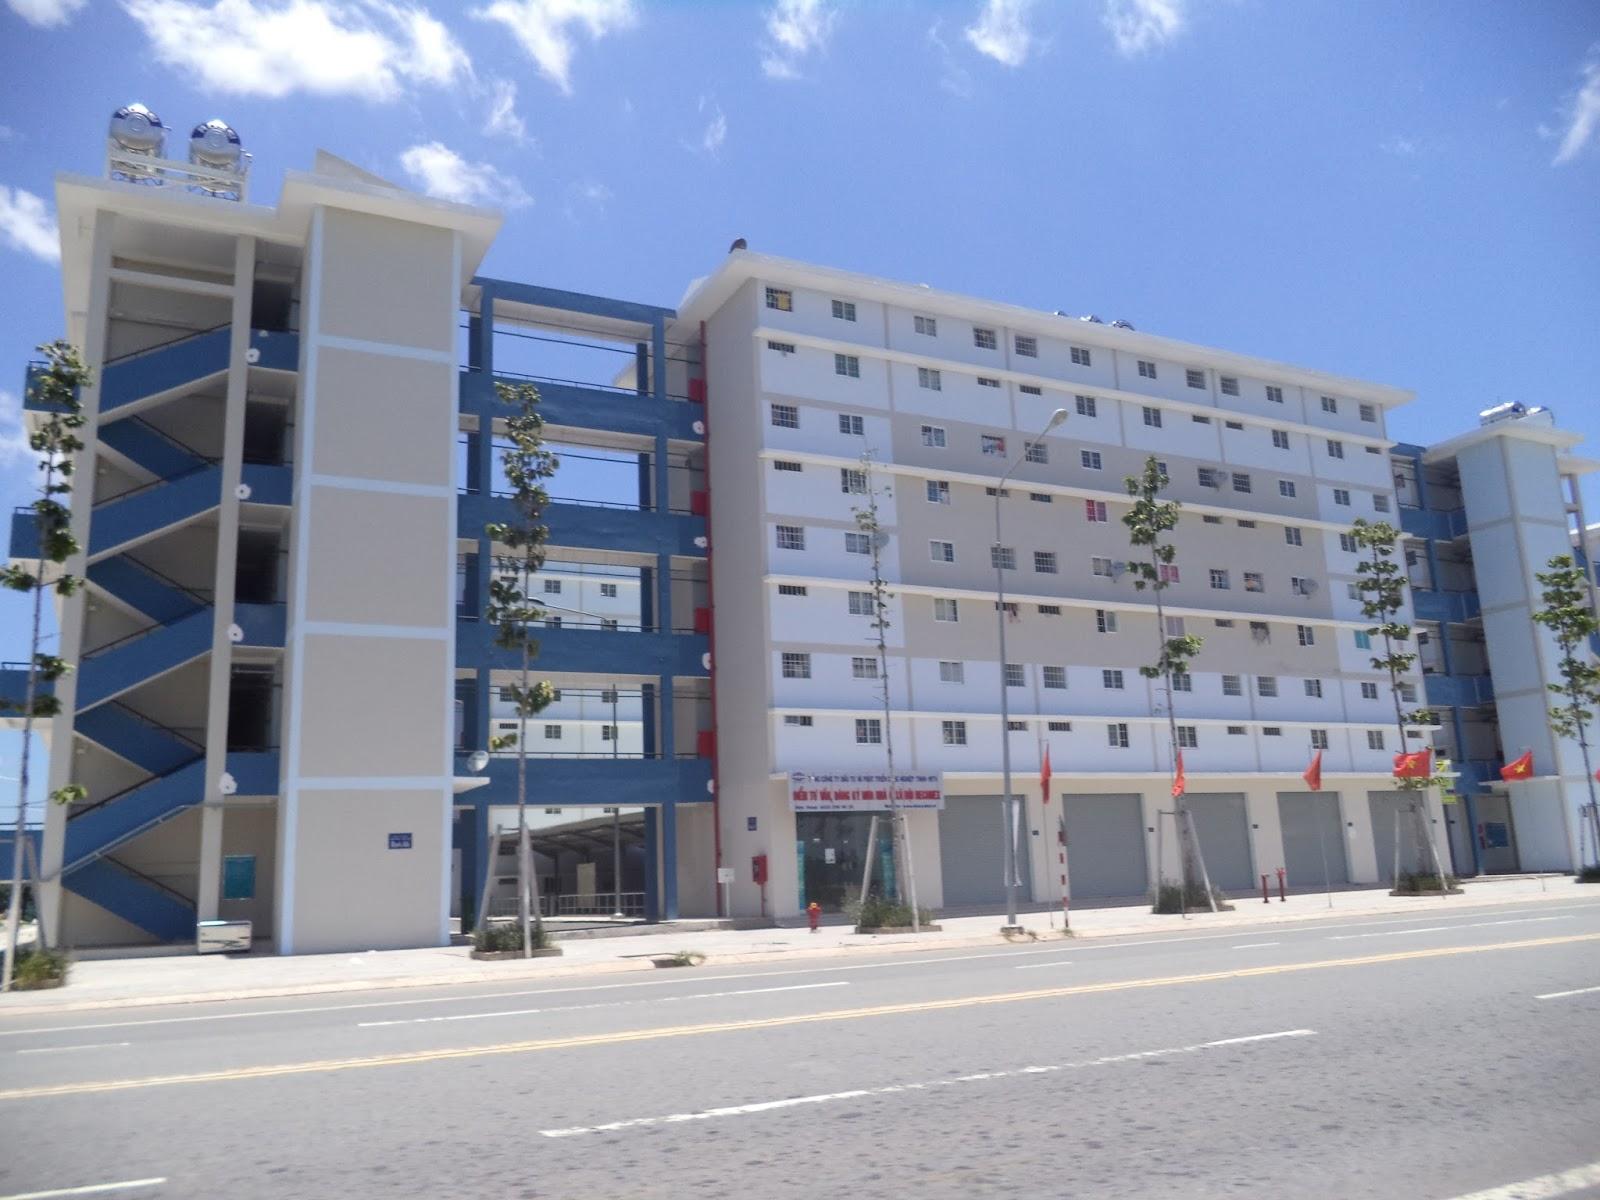 Bộ Xây dựng bác đề xuất căn hộ dưới 25m2 tại TP HCM, cho phép nộp tiền thay quỹ đất nhà ở xã hội